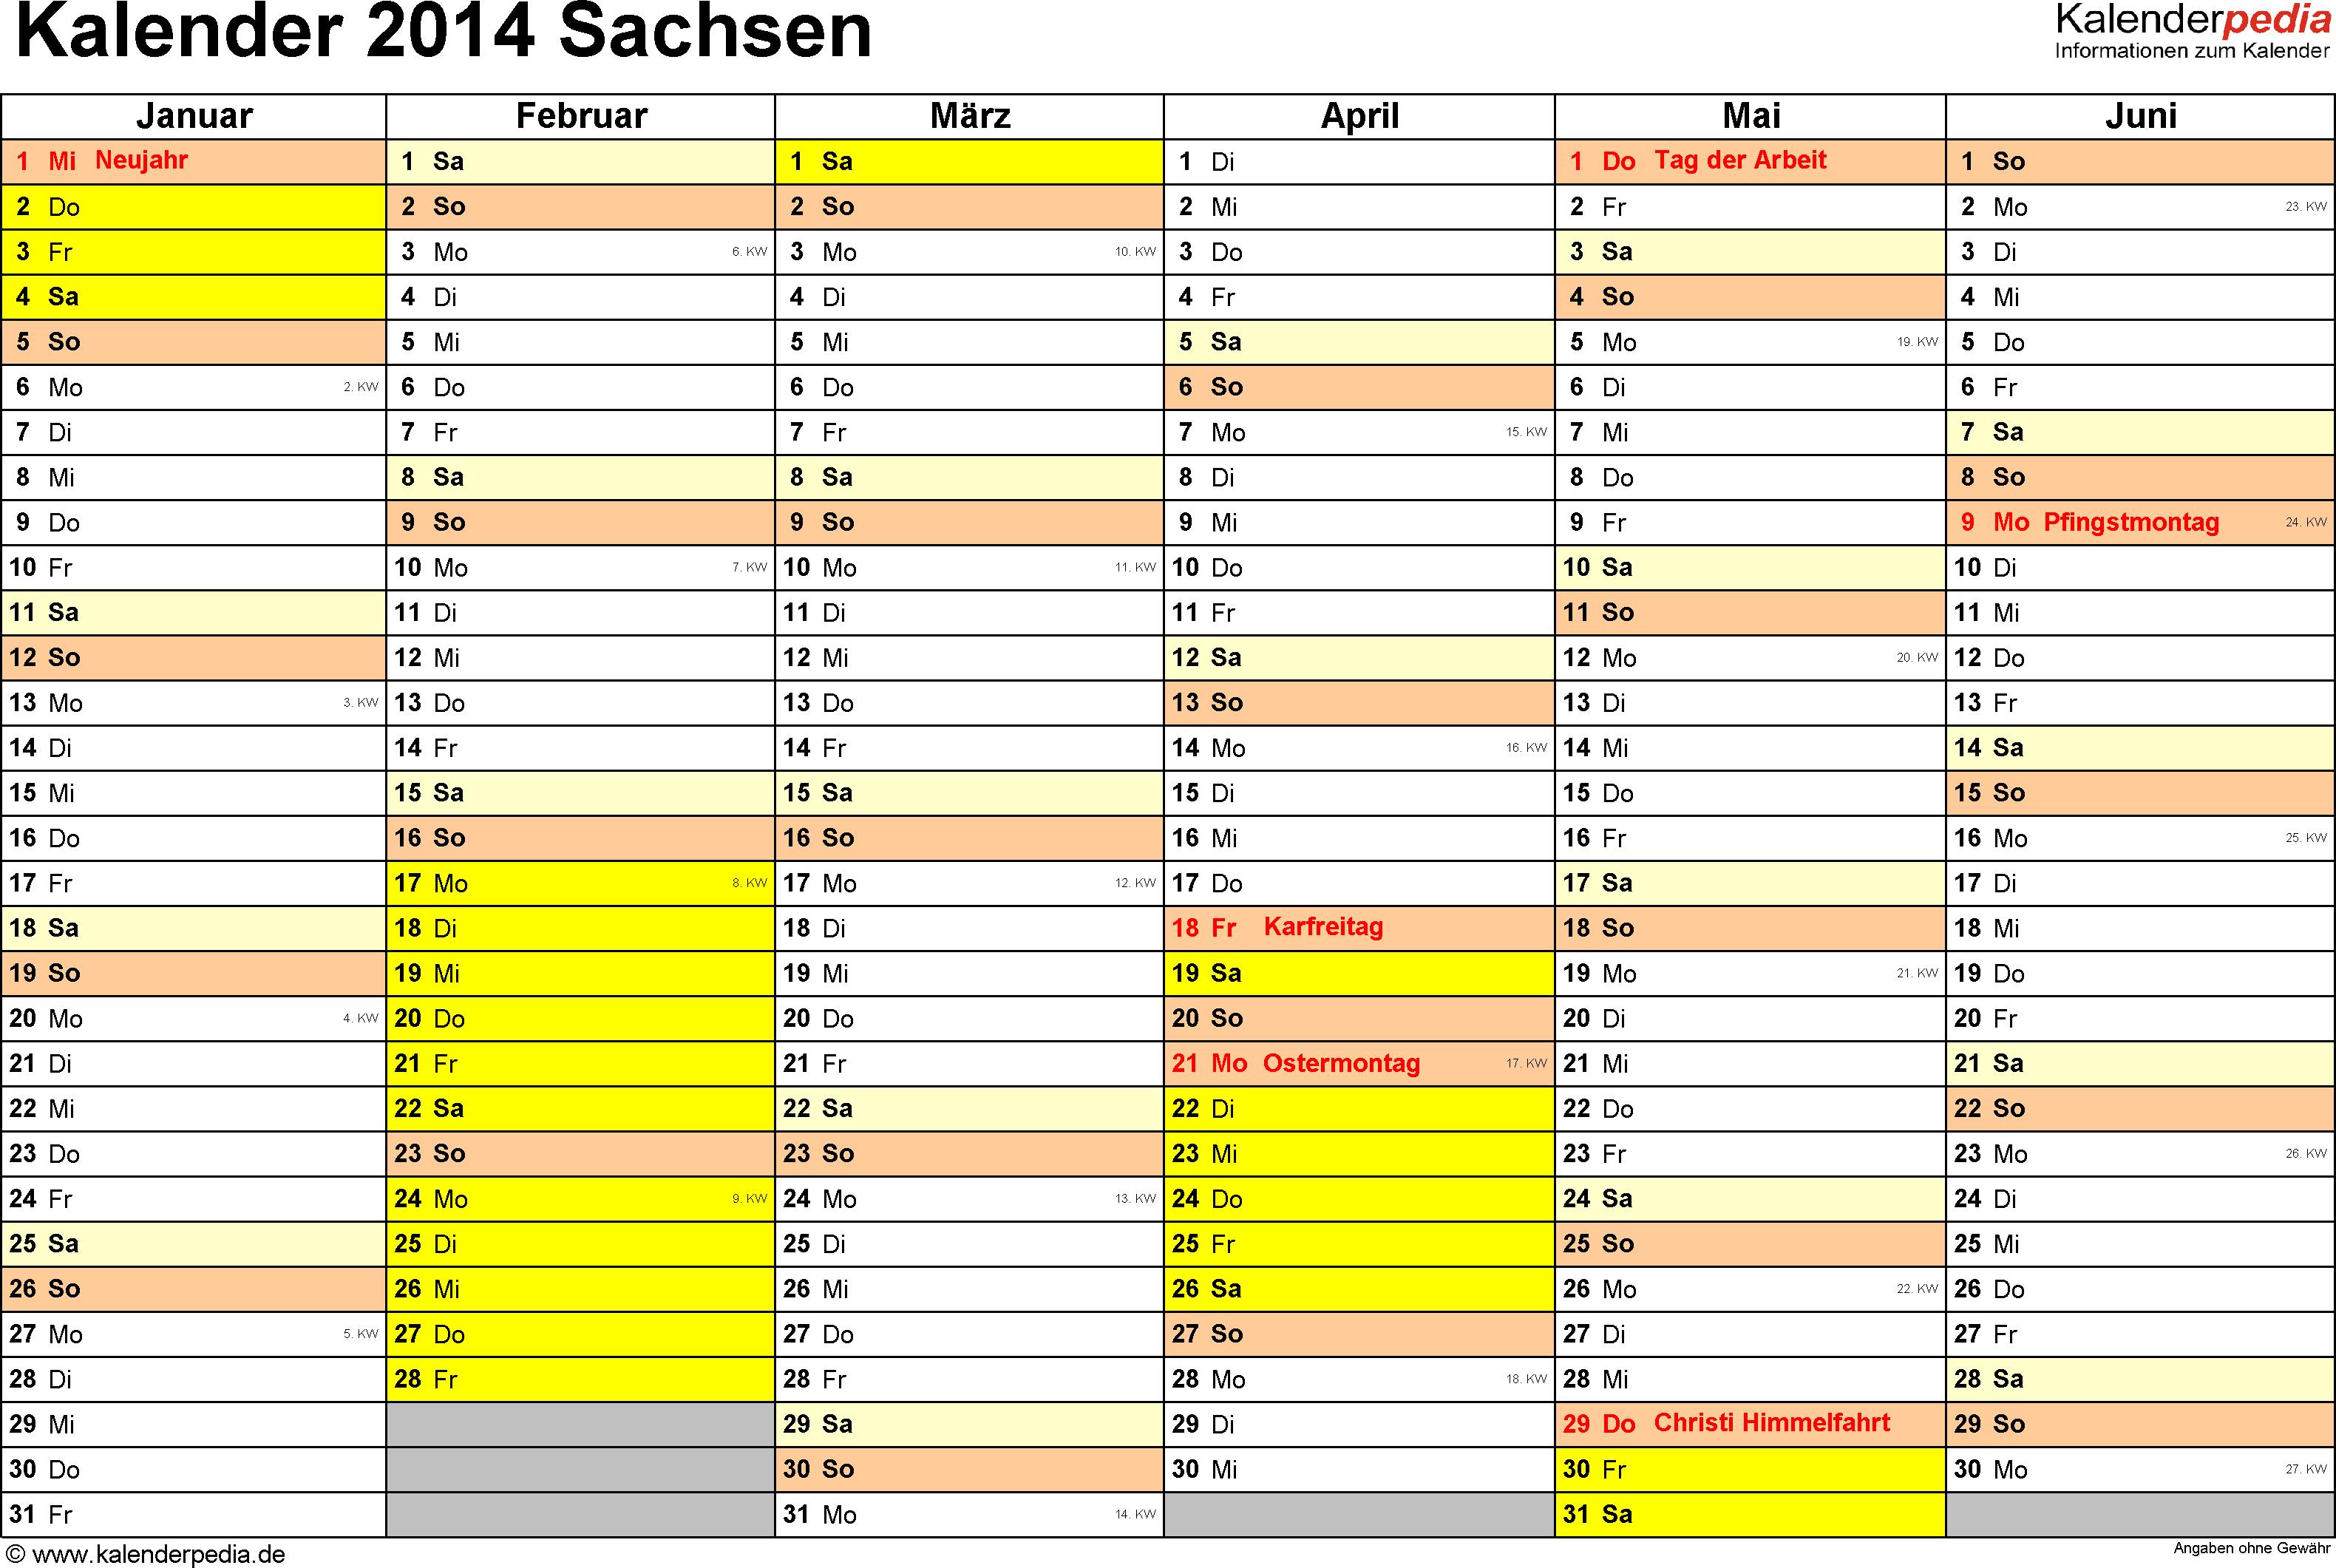 Vorlage 2: Kalender 2014 für Sachsen als Word-Vorlage (Querformat, 2 Seiten)